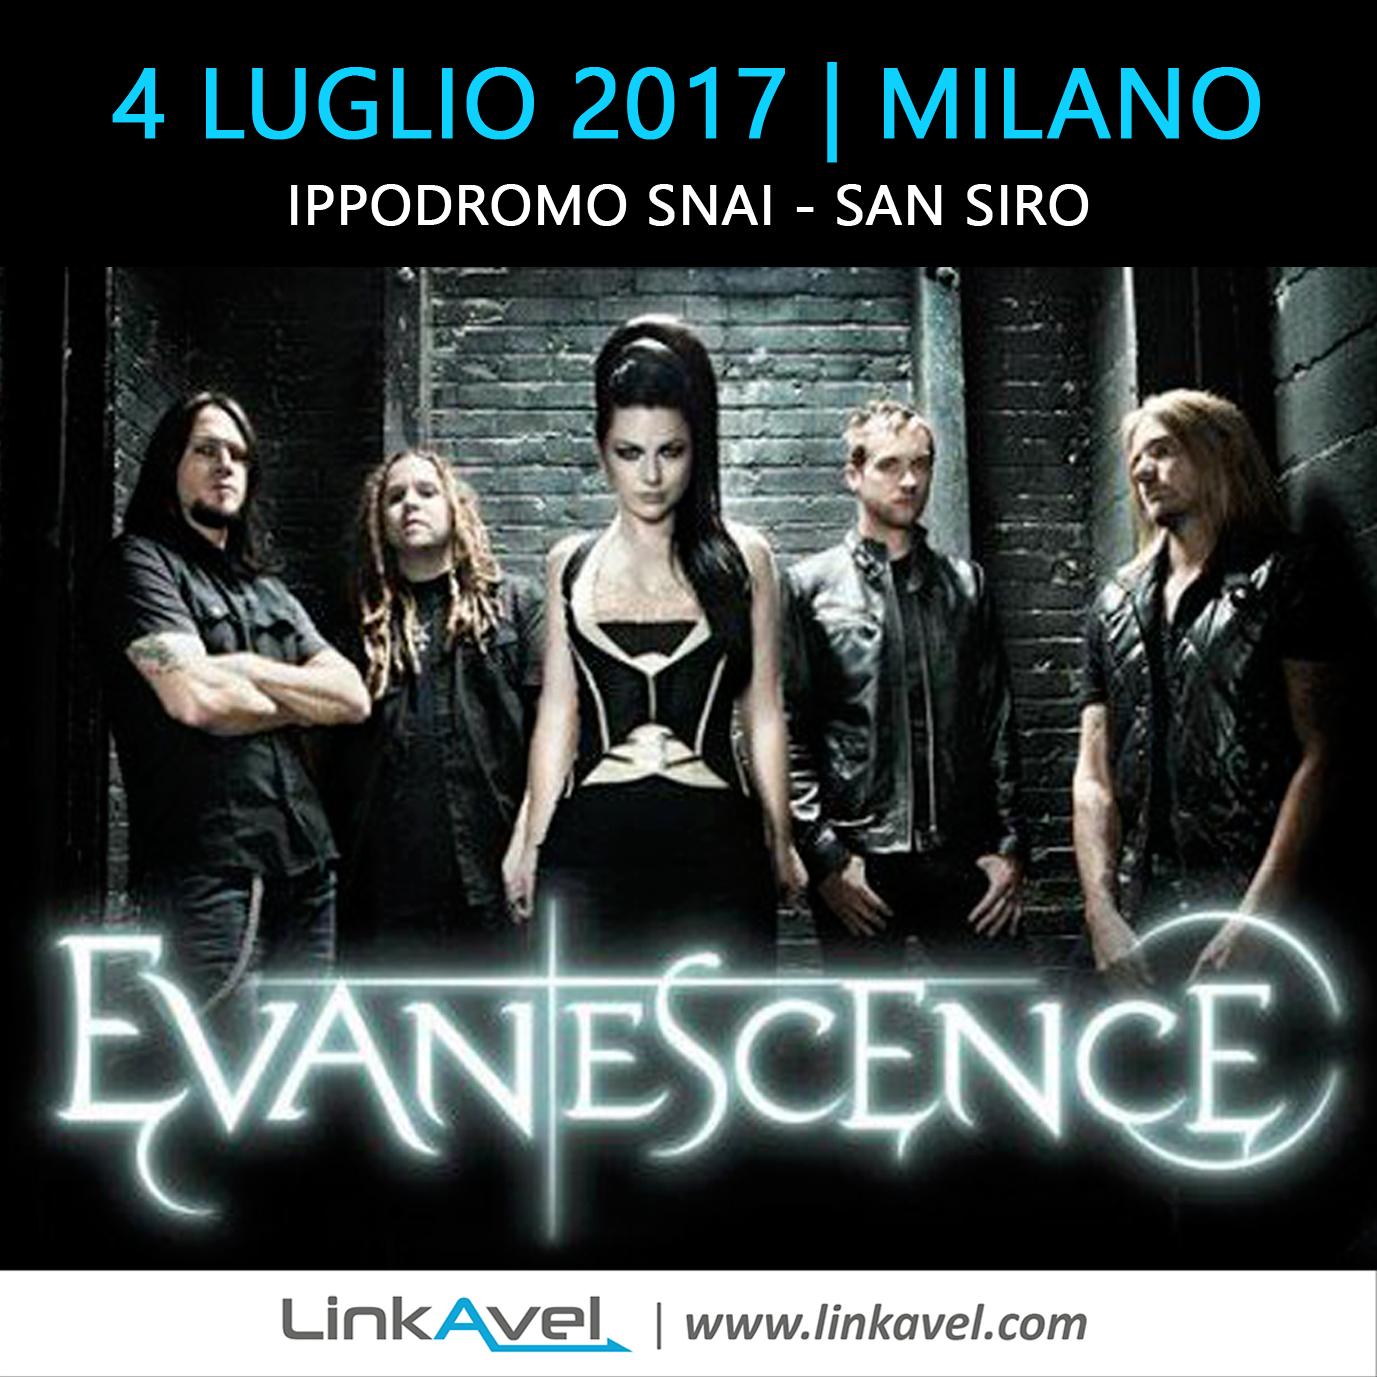 Concerto Evanescence, Milano 4 Luglio 2017